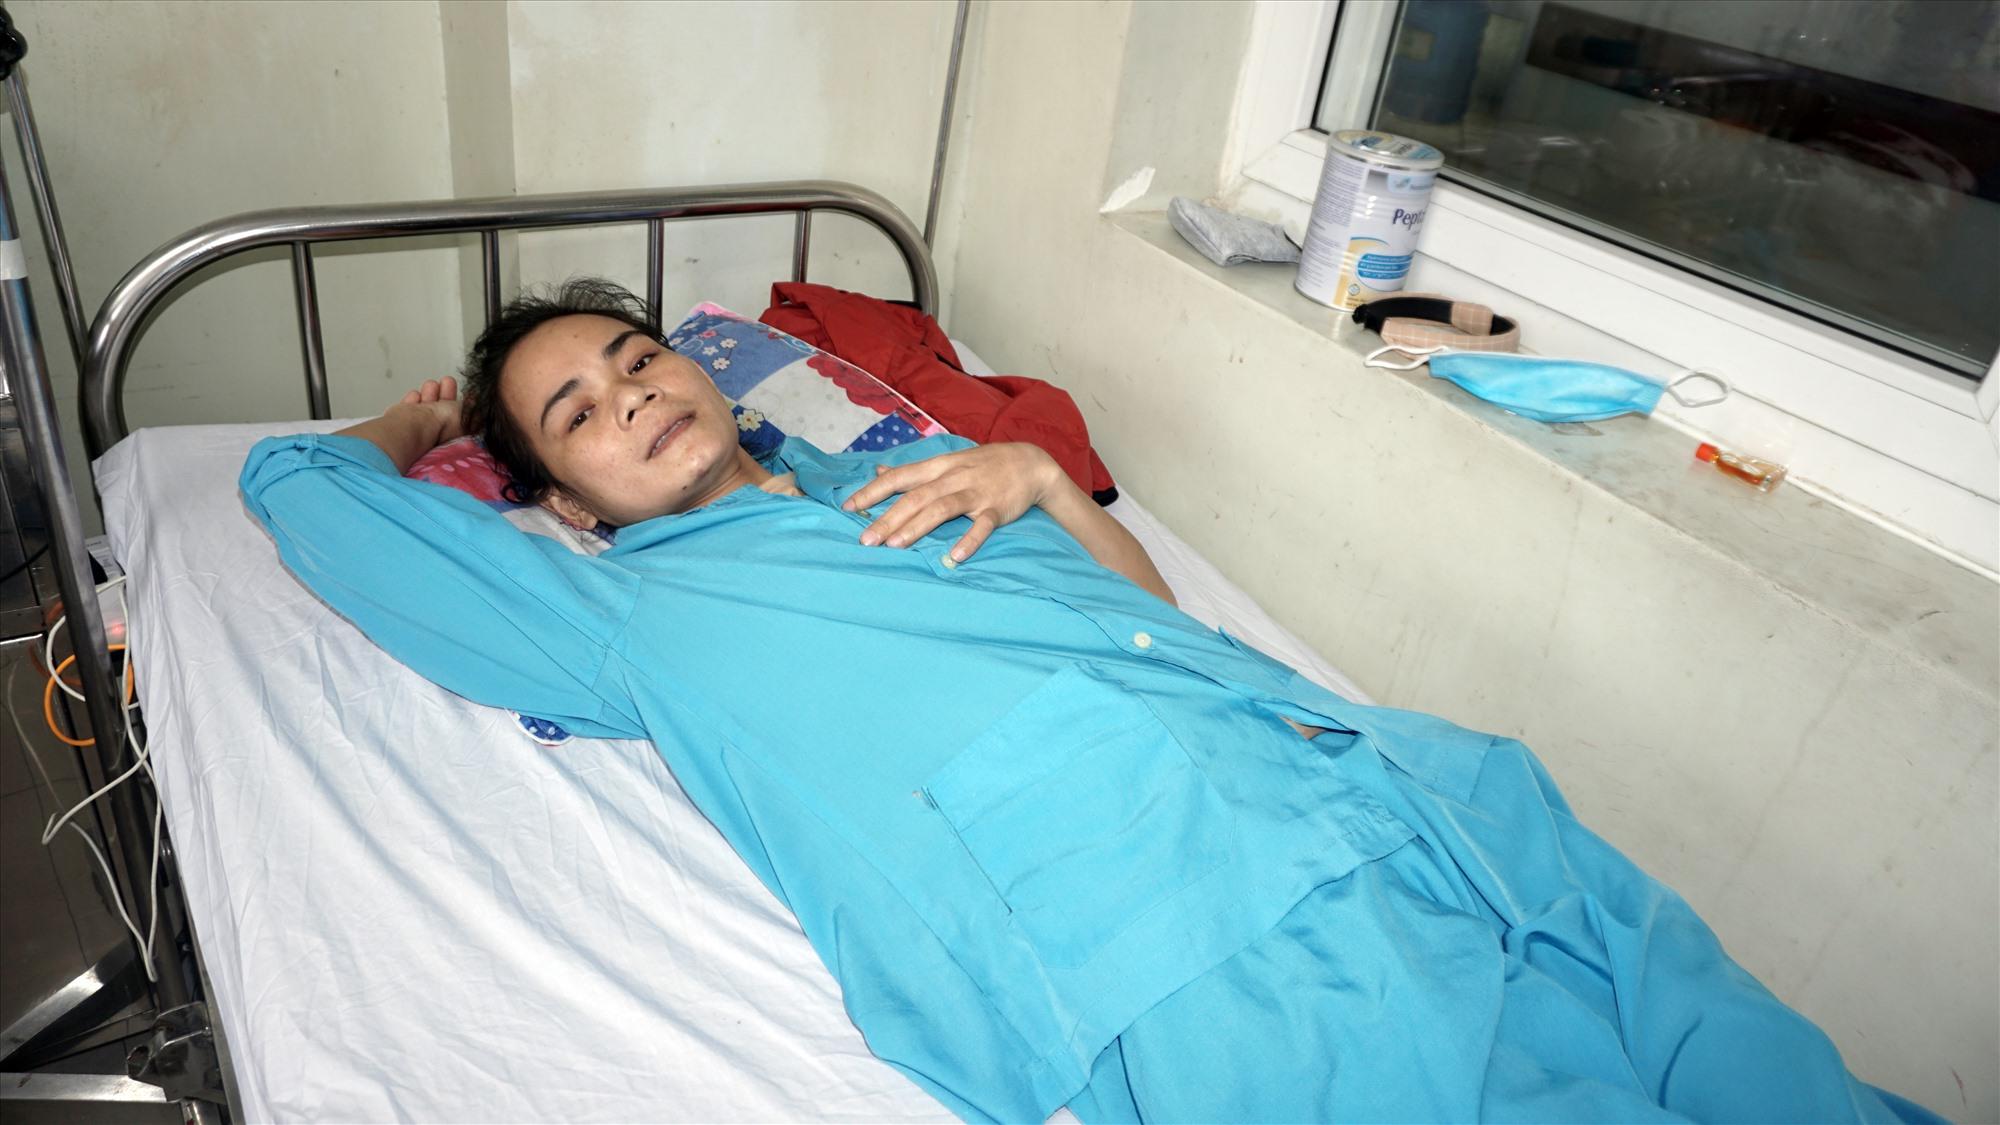 Chị Hoàng Thị Bé Tư mắc bệnh ung thư cổ tử cung đang cần tiền chữa trị. Ảnh: N.T